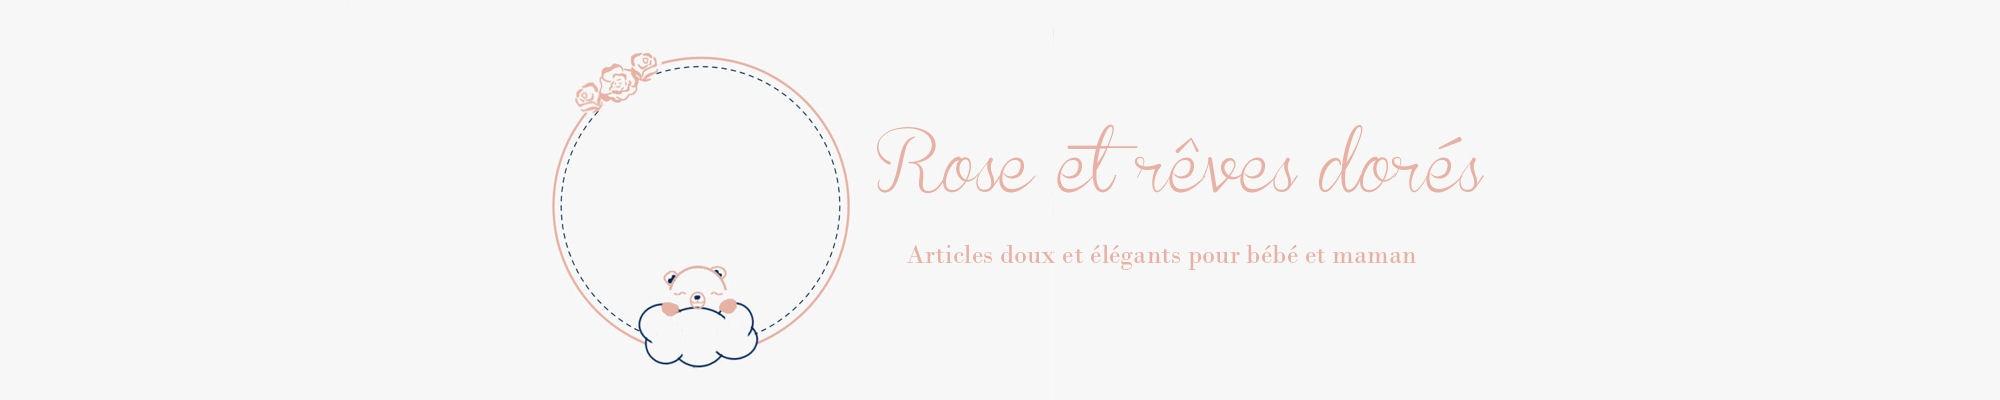 logo de Rose et rêves dorés